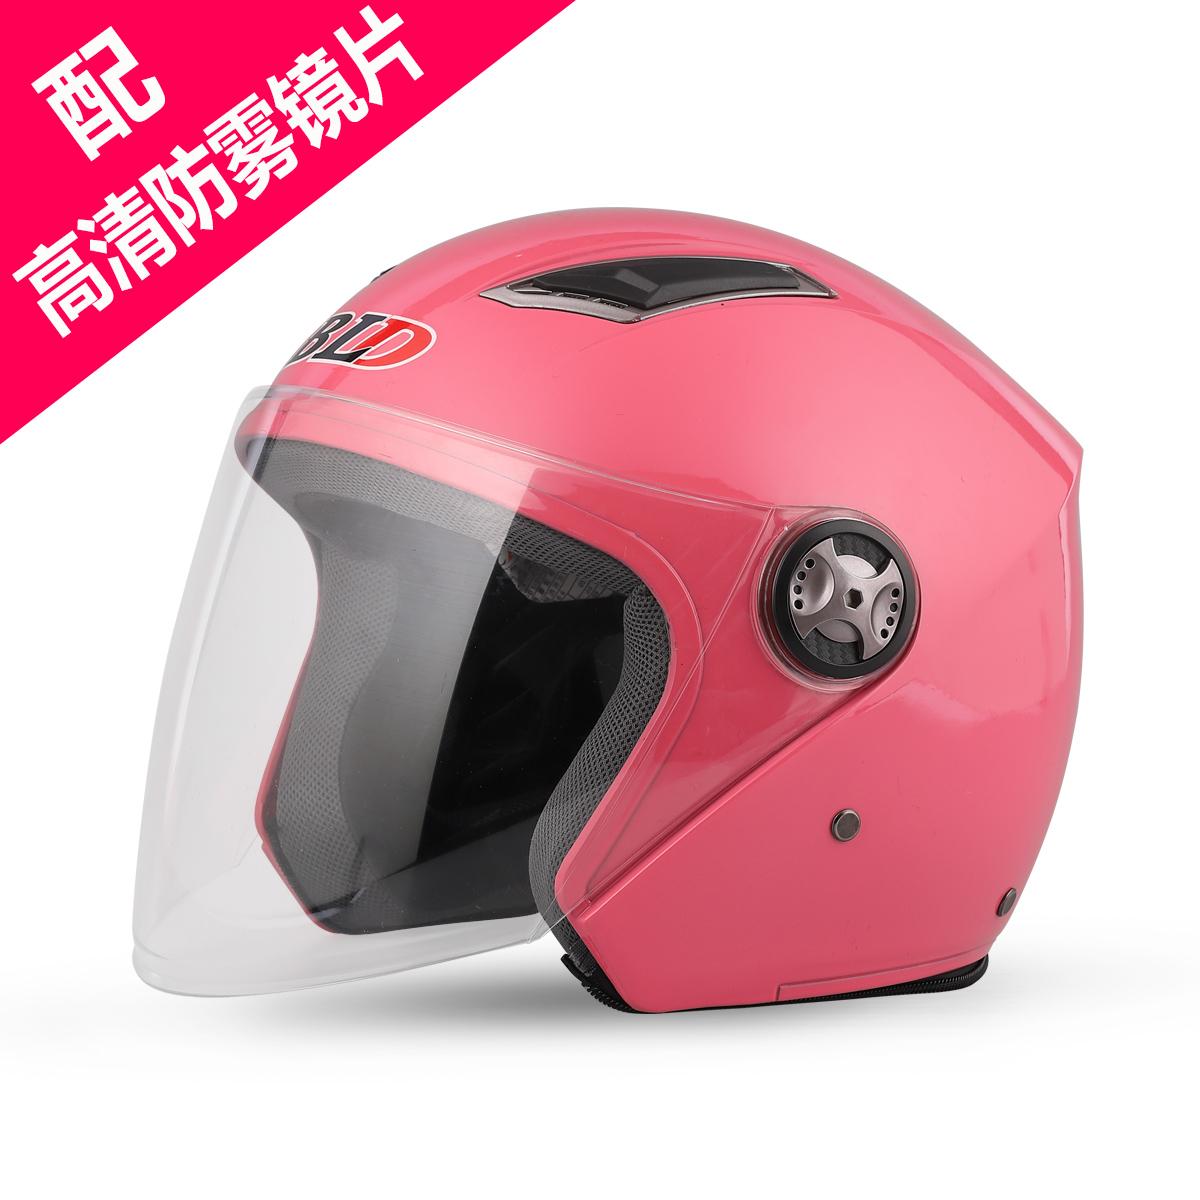 百利得电动摩托车头盔男冬季电瓶车头盔女四季通用防雾保暖安全帽